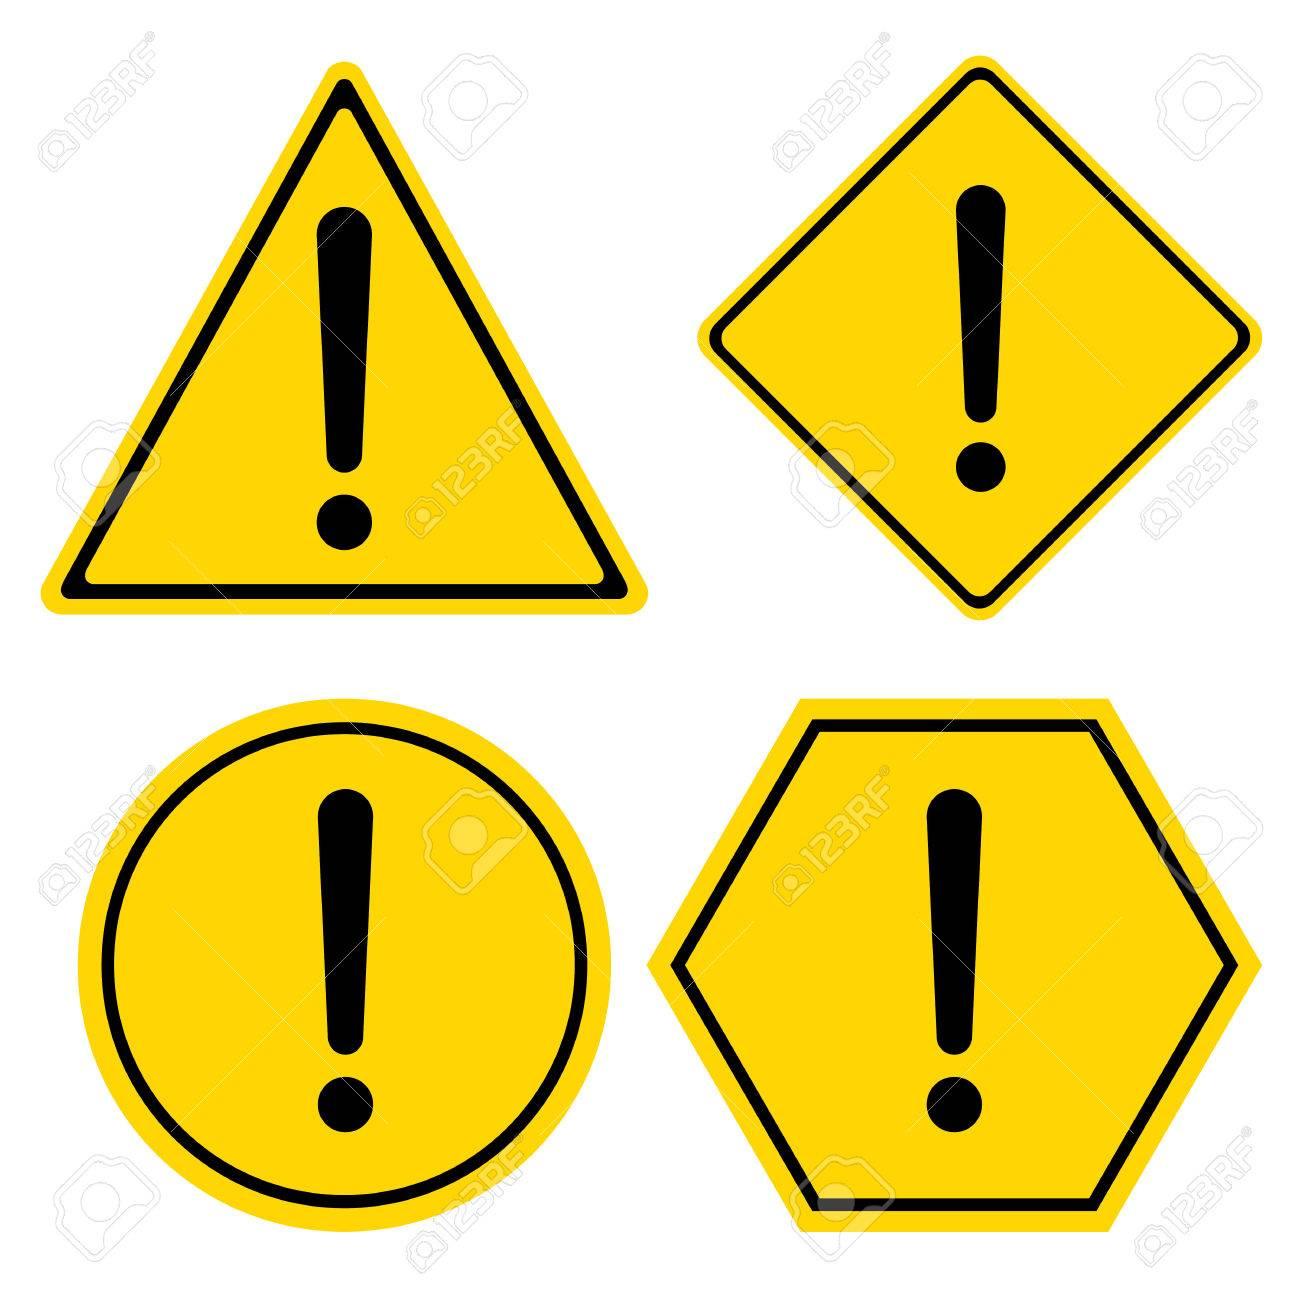 Hazard warning sign triangle hexagon square and circle symbol triangle hexagon square and circle symbol isolated on white background stock buycottarizona